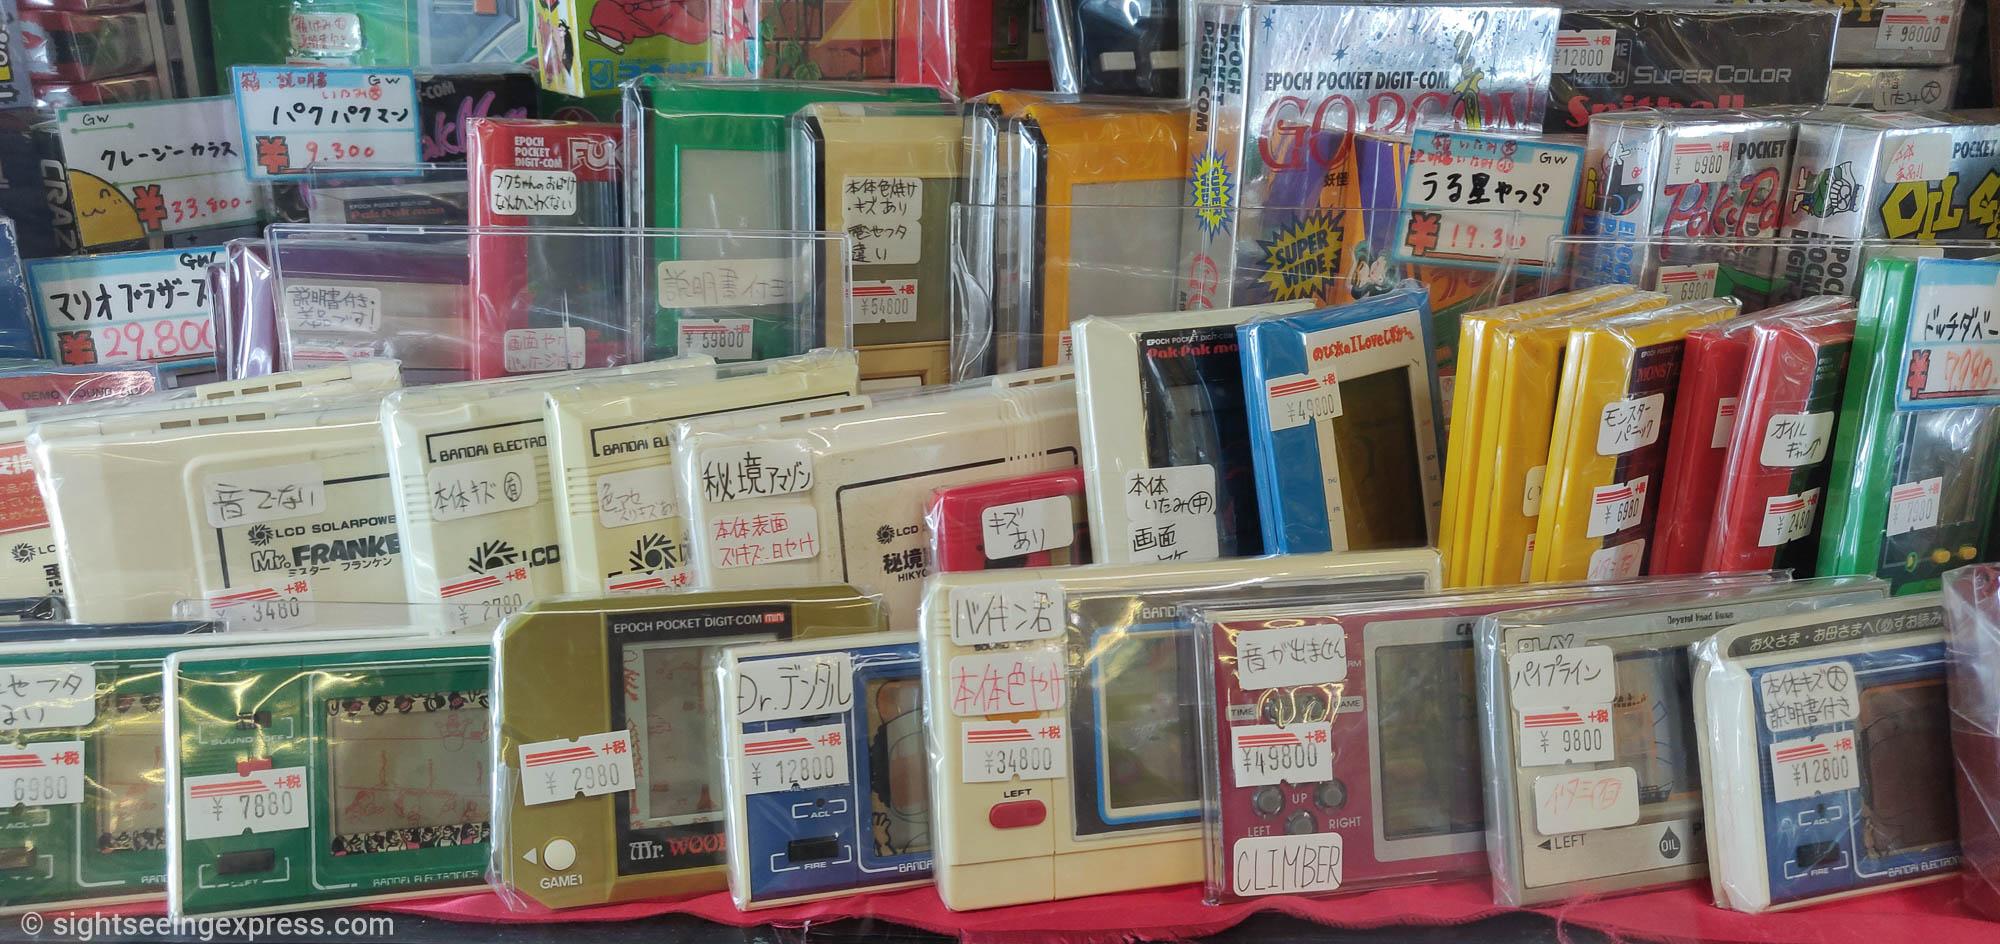 Super Potato Nipponbashi Osaka Retro Video Game Store